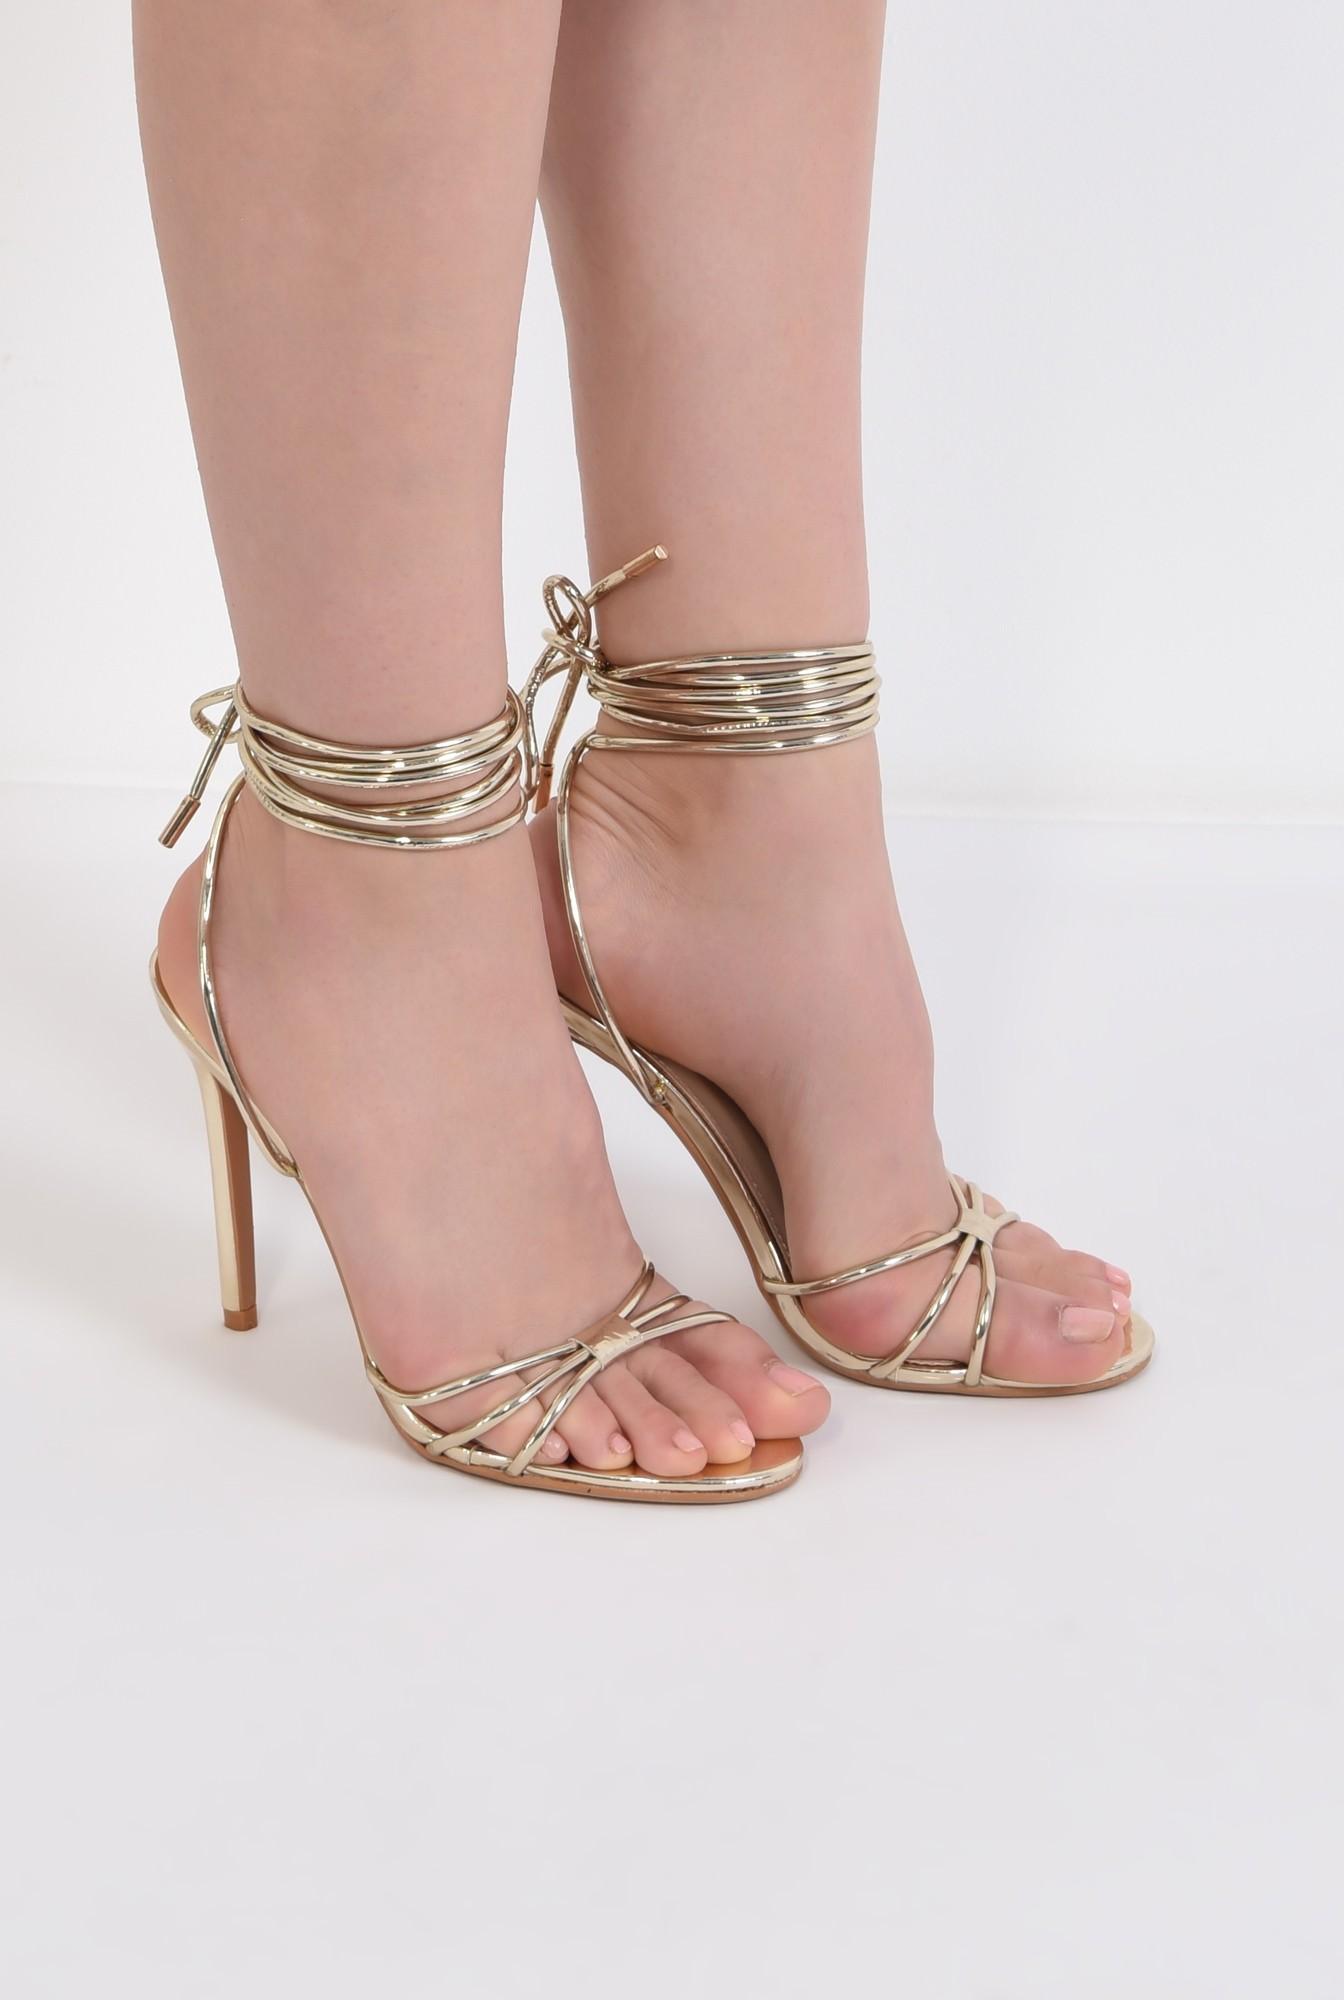 1 - sandale aurii, de ocazie, barete, snur, stiletto